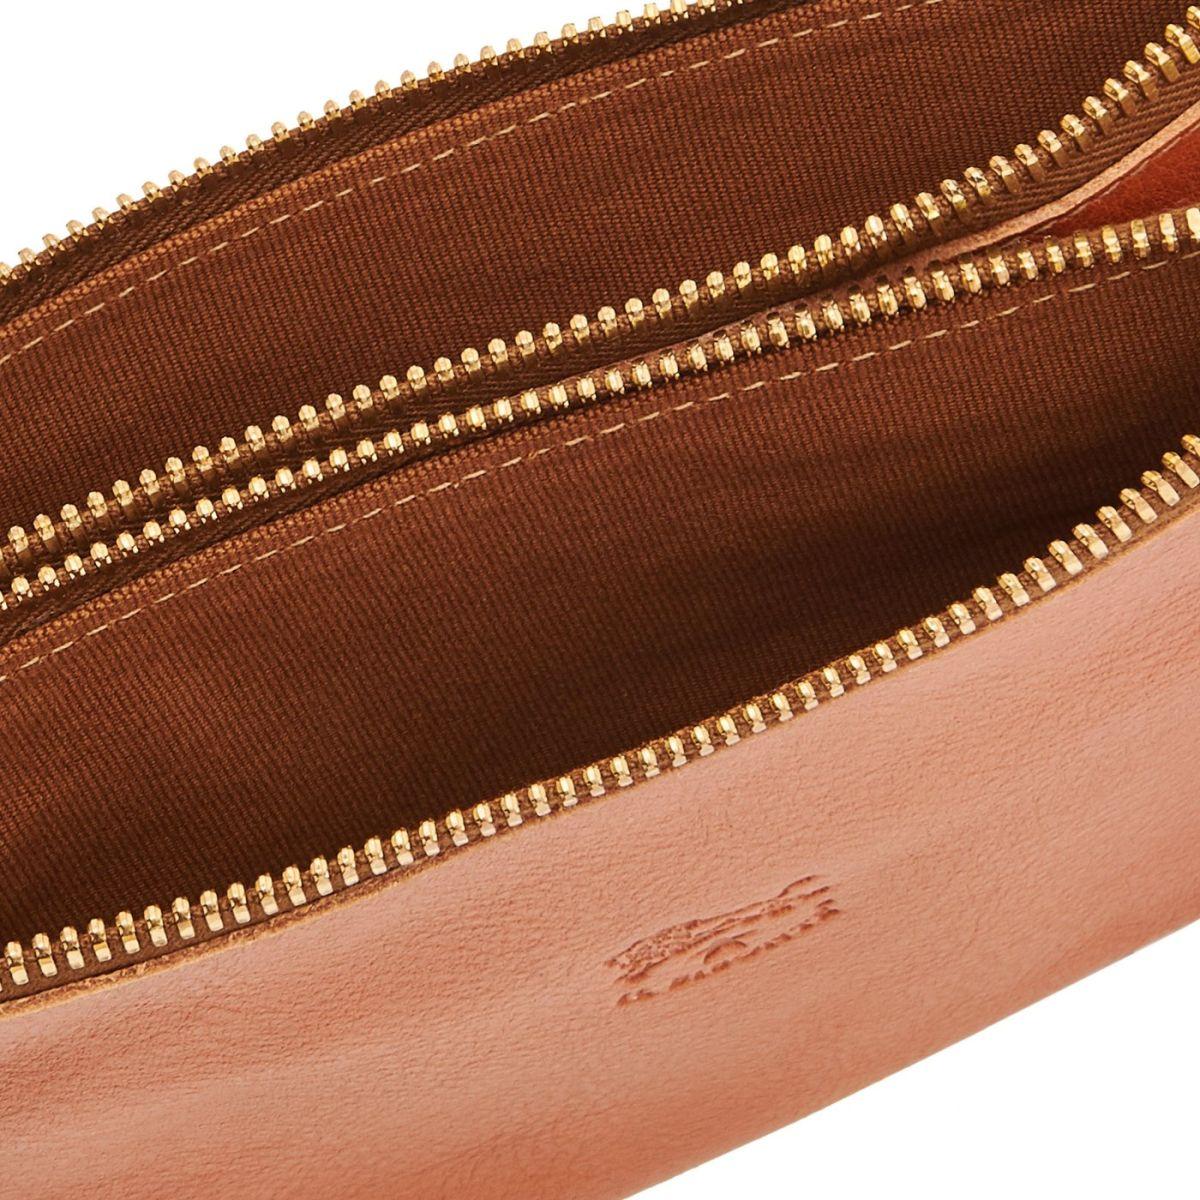 Pochette da Donna Talamone in Doppia Pelle Di Vacchetta BCL022 colore Caramello | Details